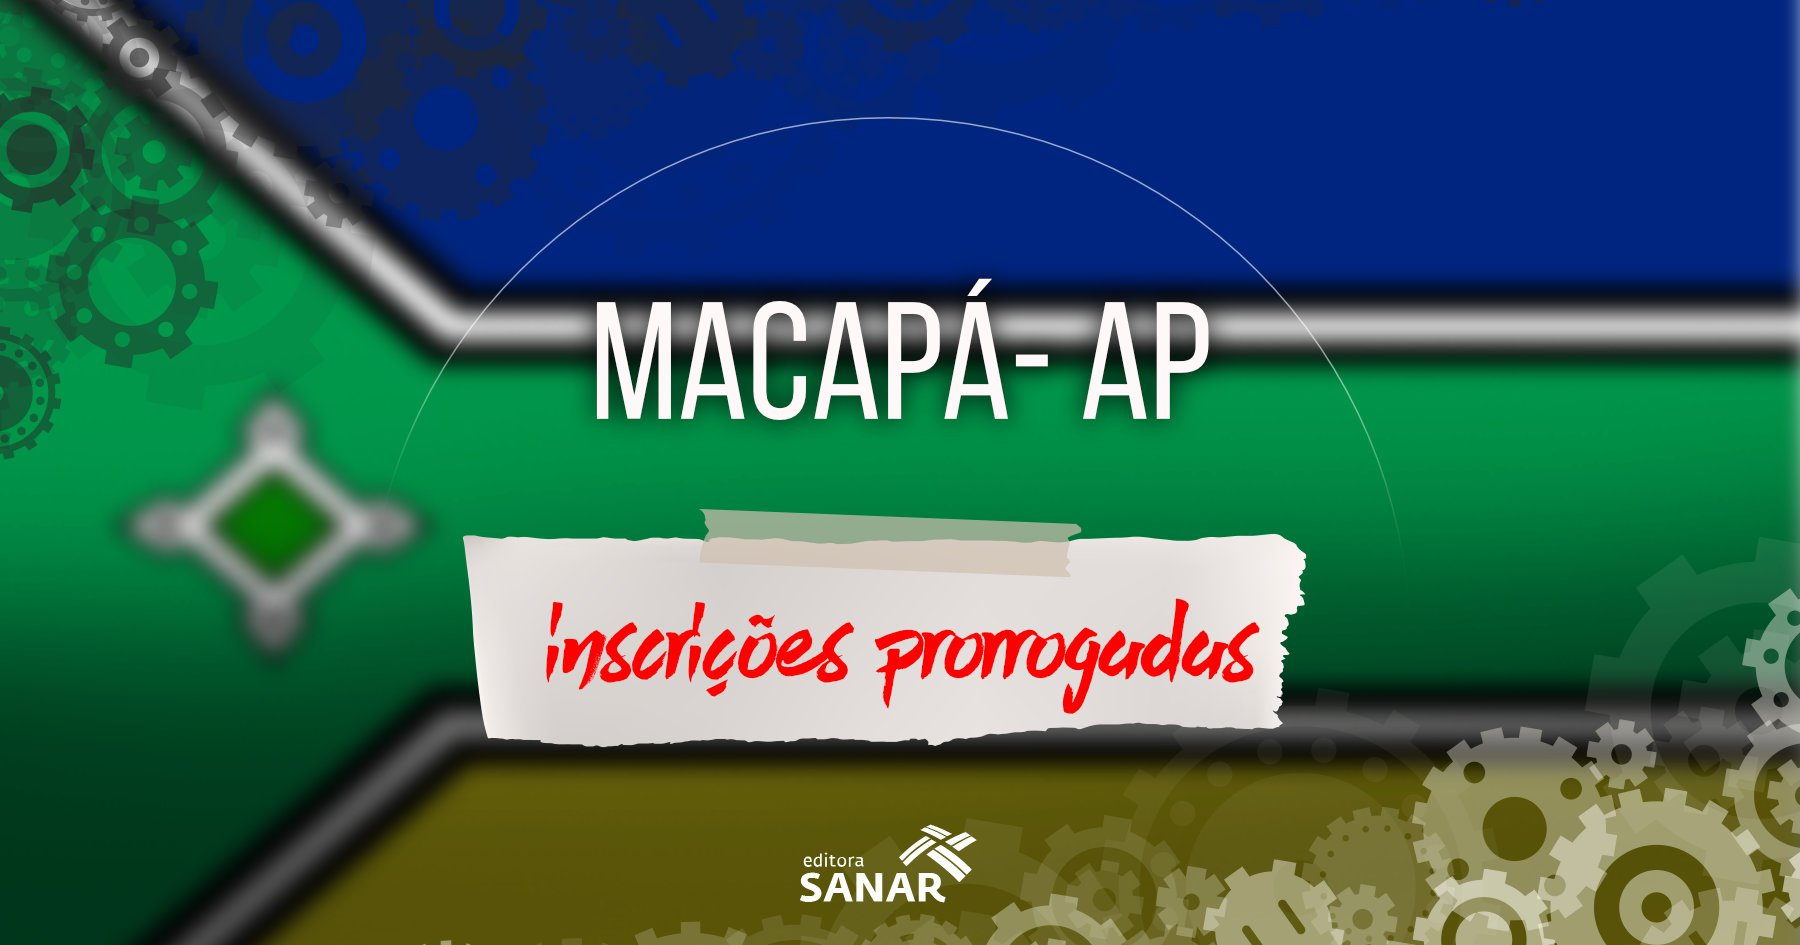 Concursos Macapá: conheça o Edital 02/2018